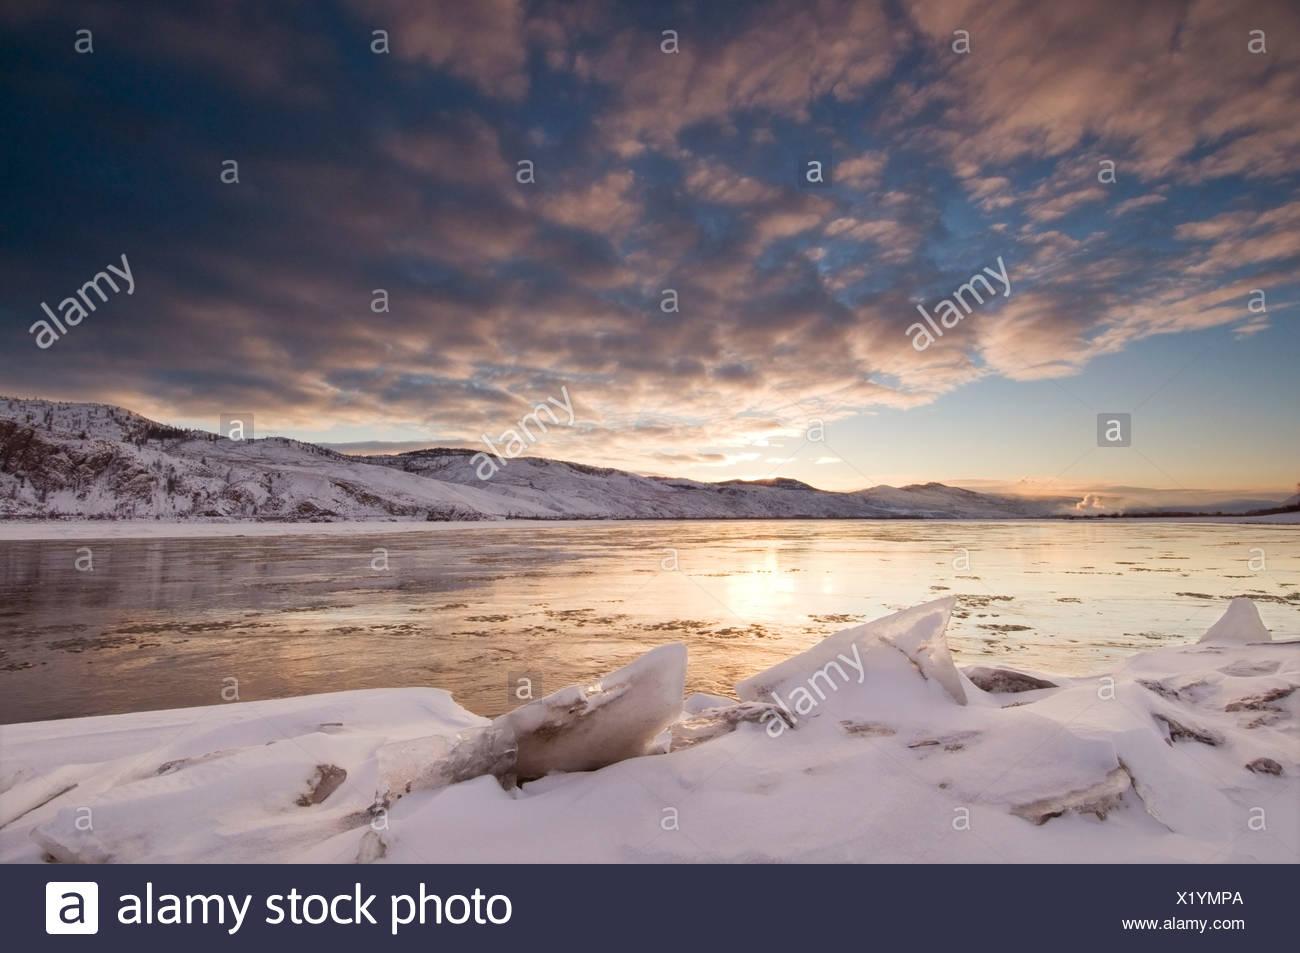 Eisbrocken erstellen Vordergrund für einen schönen Sonnenaufgang über Thompson River, wo es in Kamloops Lake gerade westlich von Kamloops fließt Stockbild